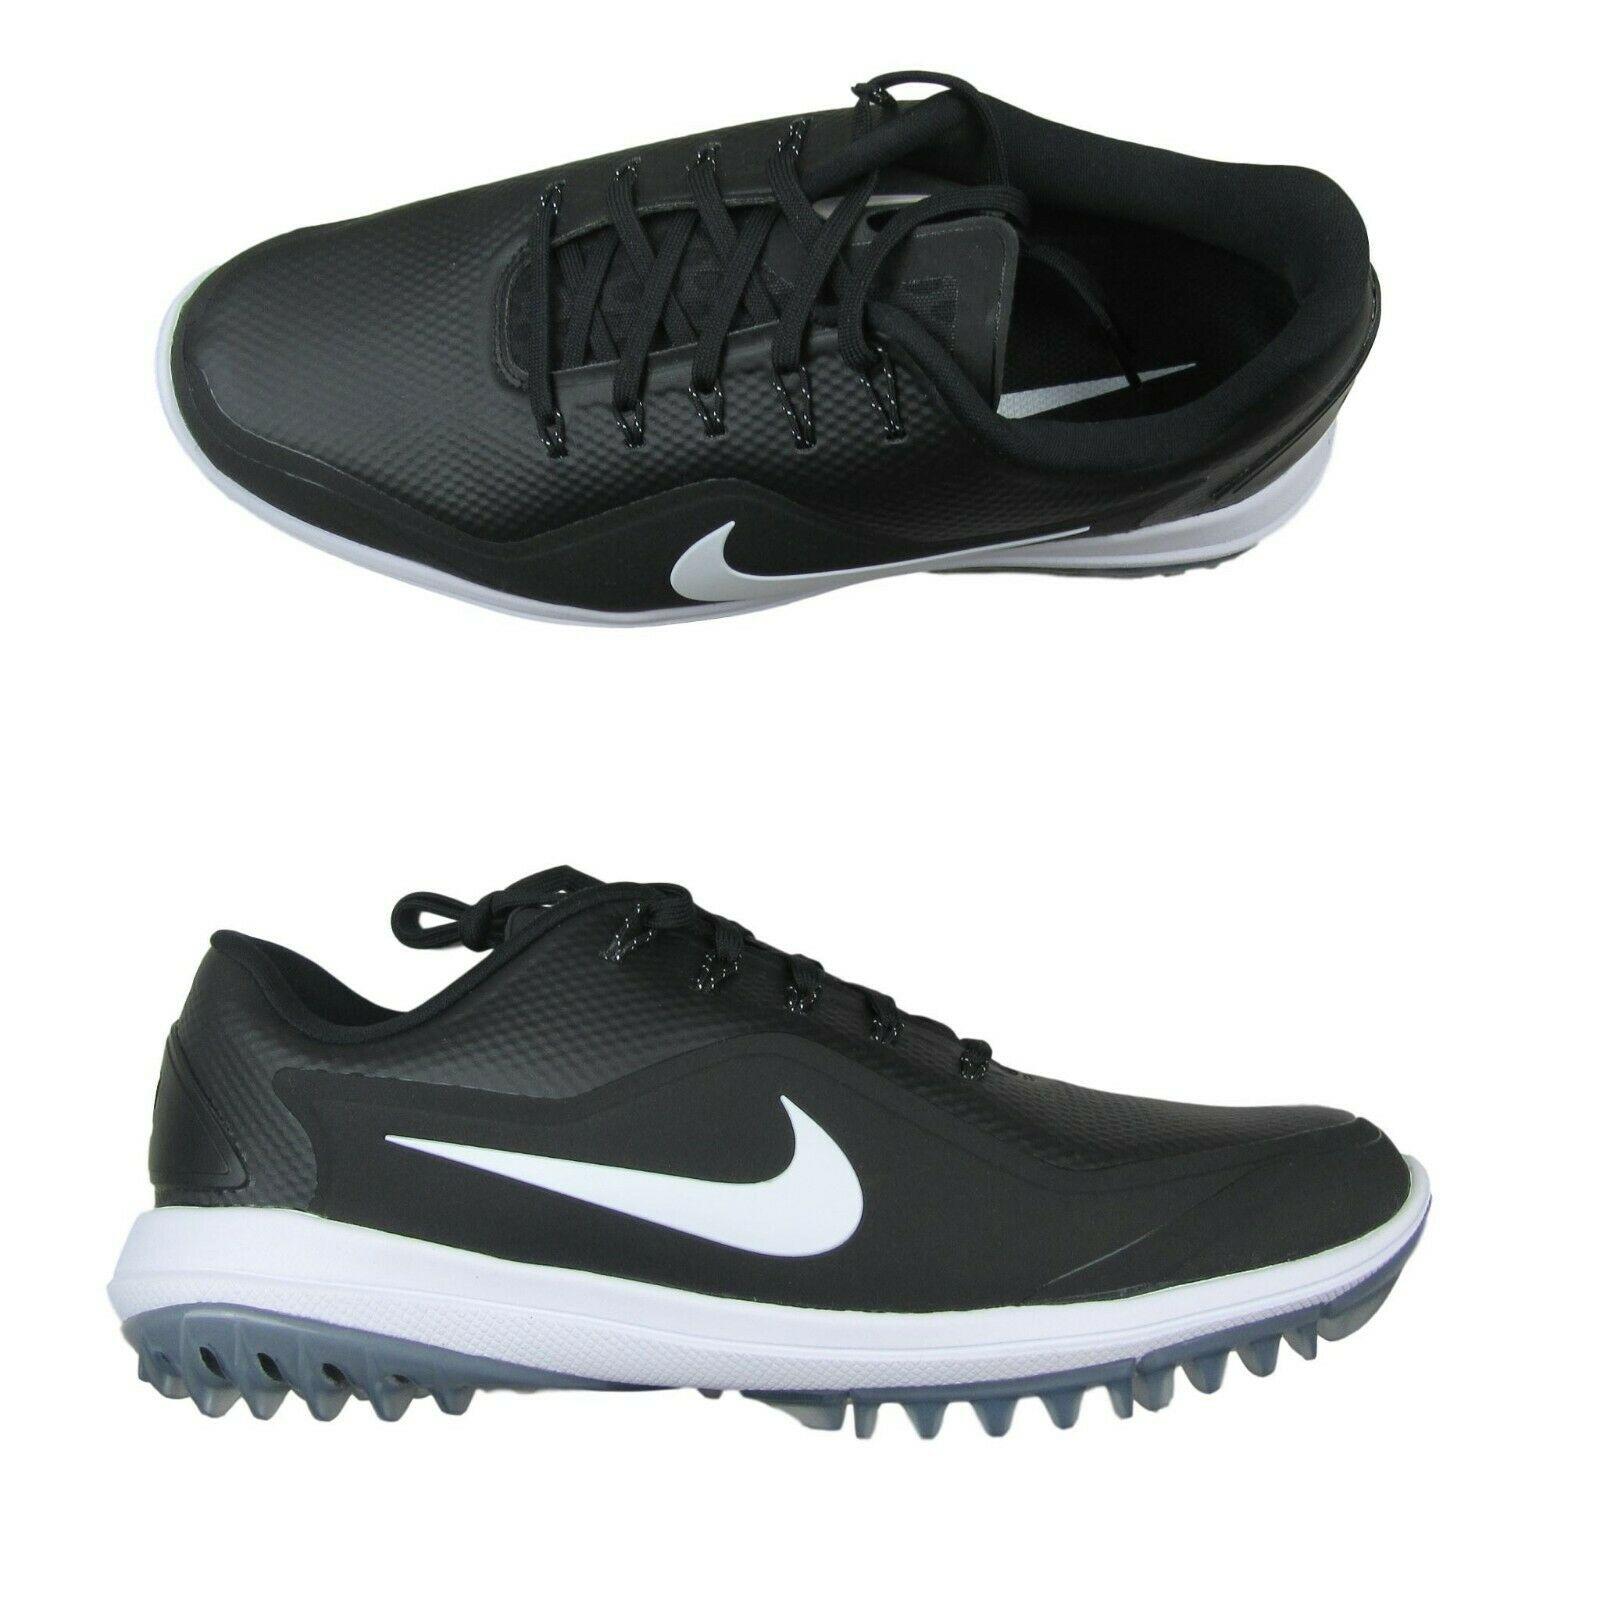 brand new 3c9ee 0e100 nike-lunar-control-vapor-2-mens-golf-shoes-